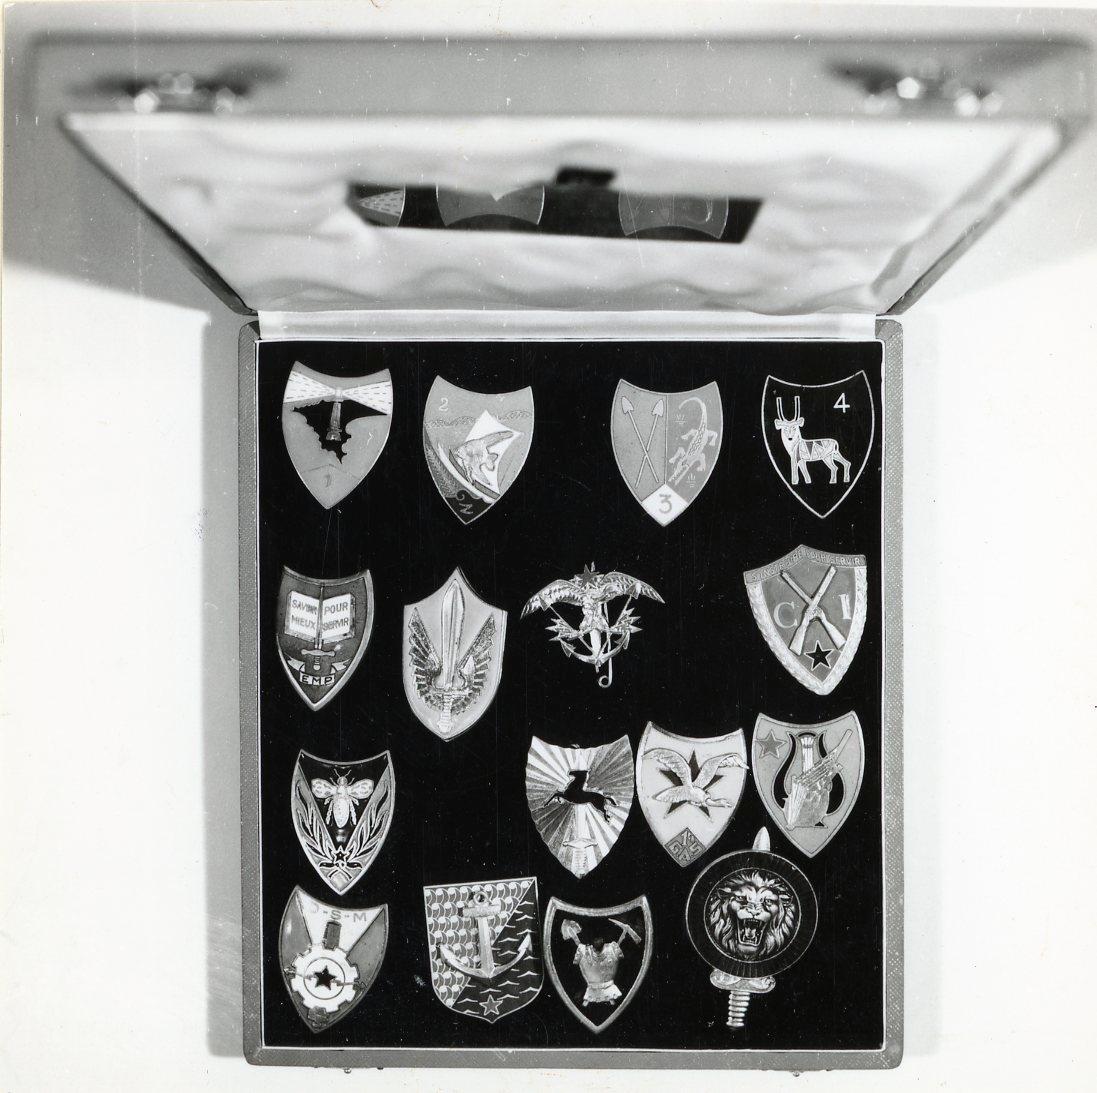 16 stycken vapenemblem i metall. 14 stycken av dem är i sköldform med olika motiv. En av dem är rund och en av dem i form av ett ankare. Emblemen representerar Senegals samltiga militära förband. Samtliga förvaras i ett etui som utvändigt är klätt med svart papper och invändigt med svart sammet och vit sidenrips. På lockets insida finns en mässingsplåt med följande text: AVEC LES KOMPLIMENTS DU GENERAL J.A.DIALLO CHEF DETAT-MAJOR GENERAL AU CAPITAINE DE VAISSEAU VICTOR TORNERHJÄLM. DAKAR DECEMBRE 1970.